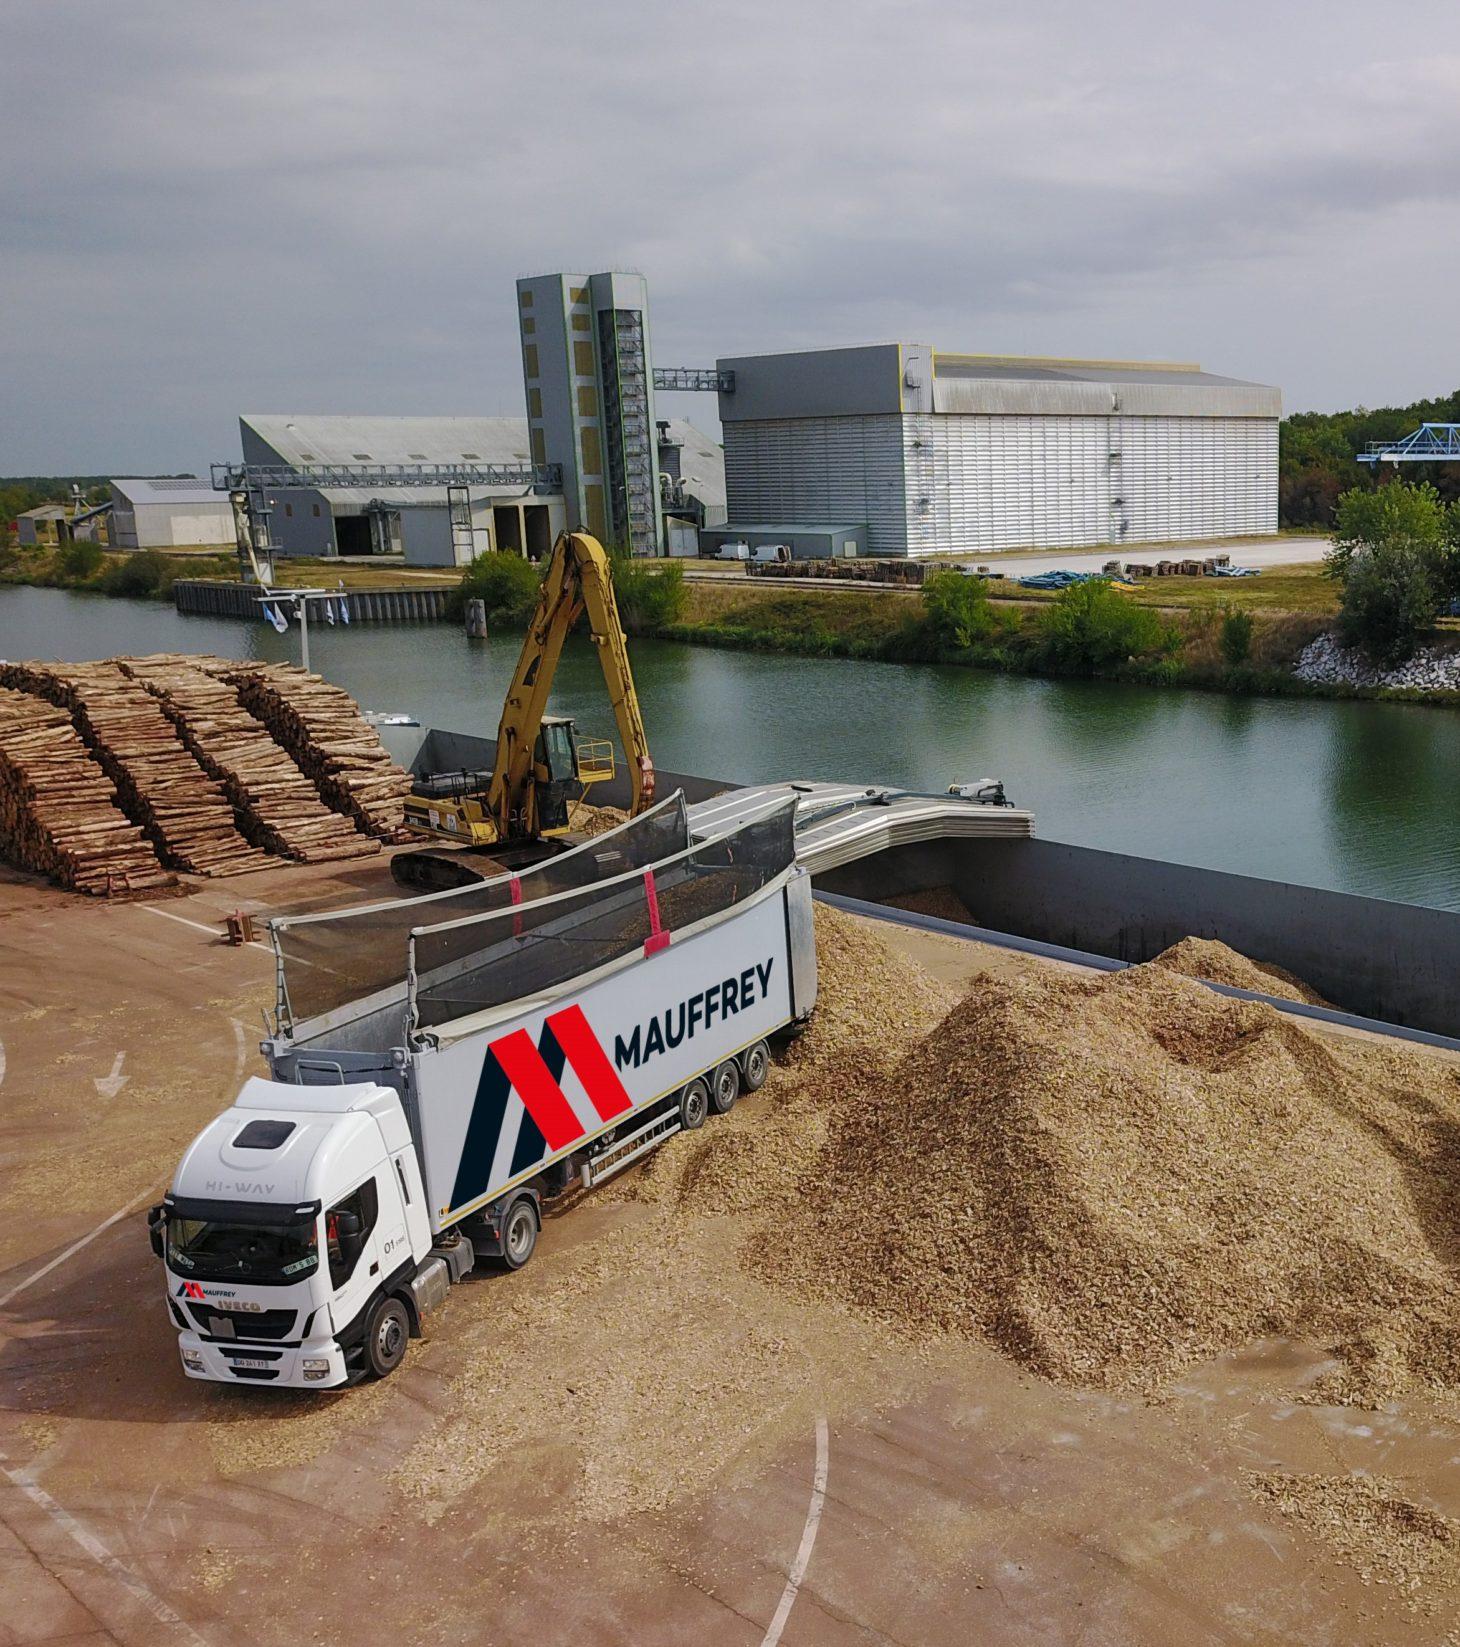 Groupe-Mauffrey-gestion-de-logistique-complexe-Nos-prestations-Gestion-de-logistique-complexe-Fluvial-multimodal